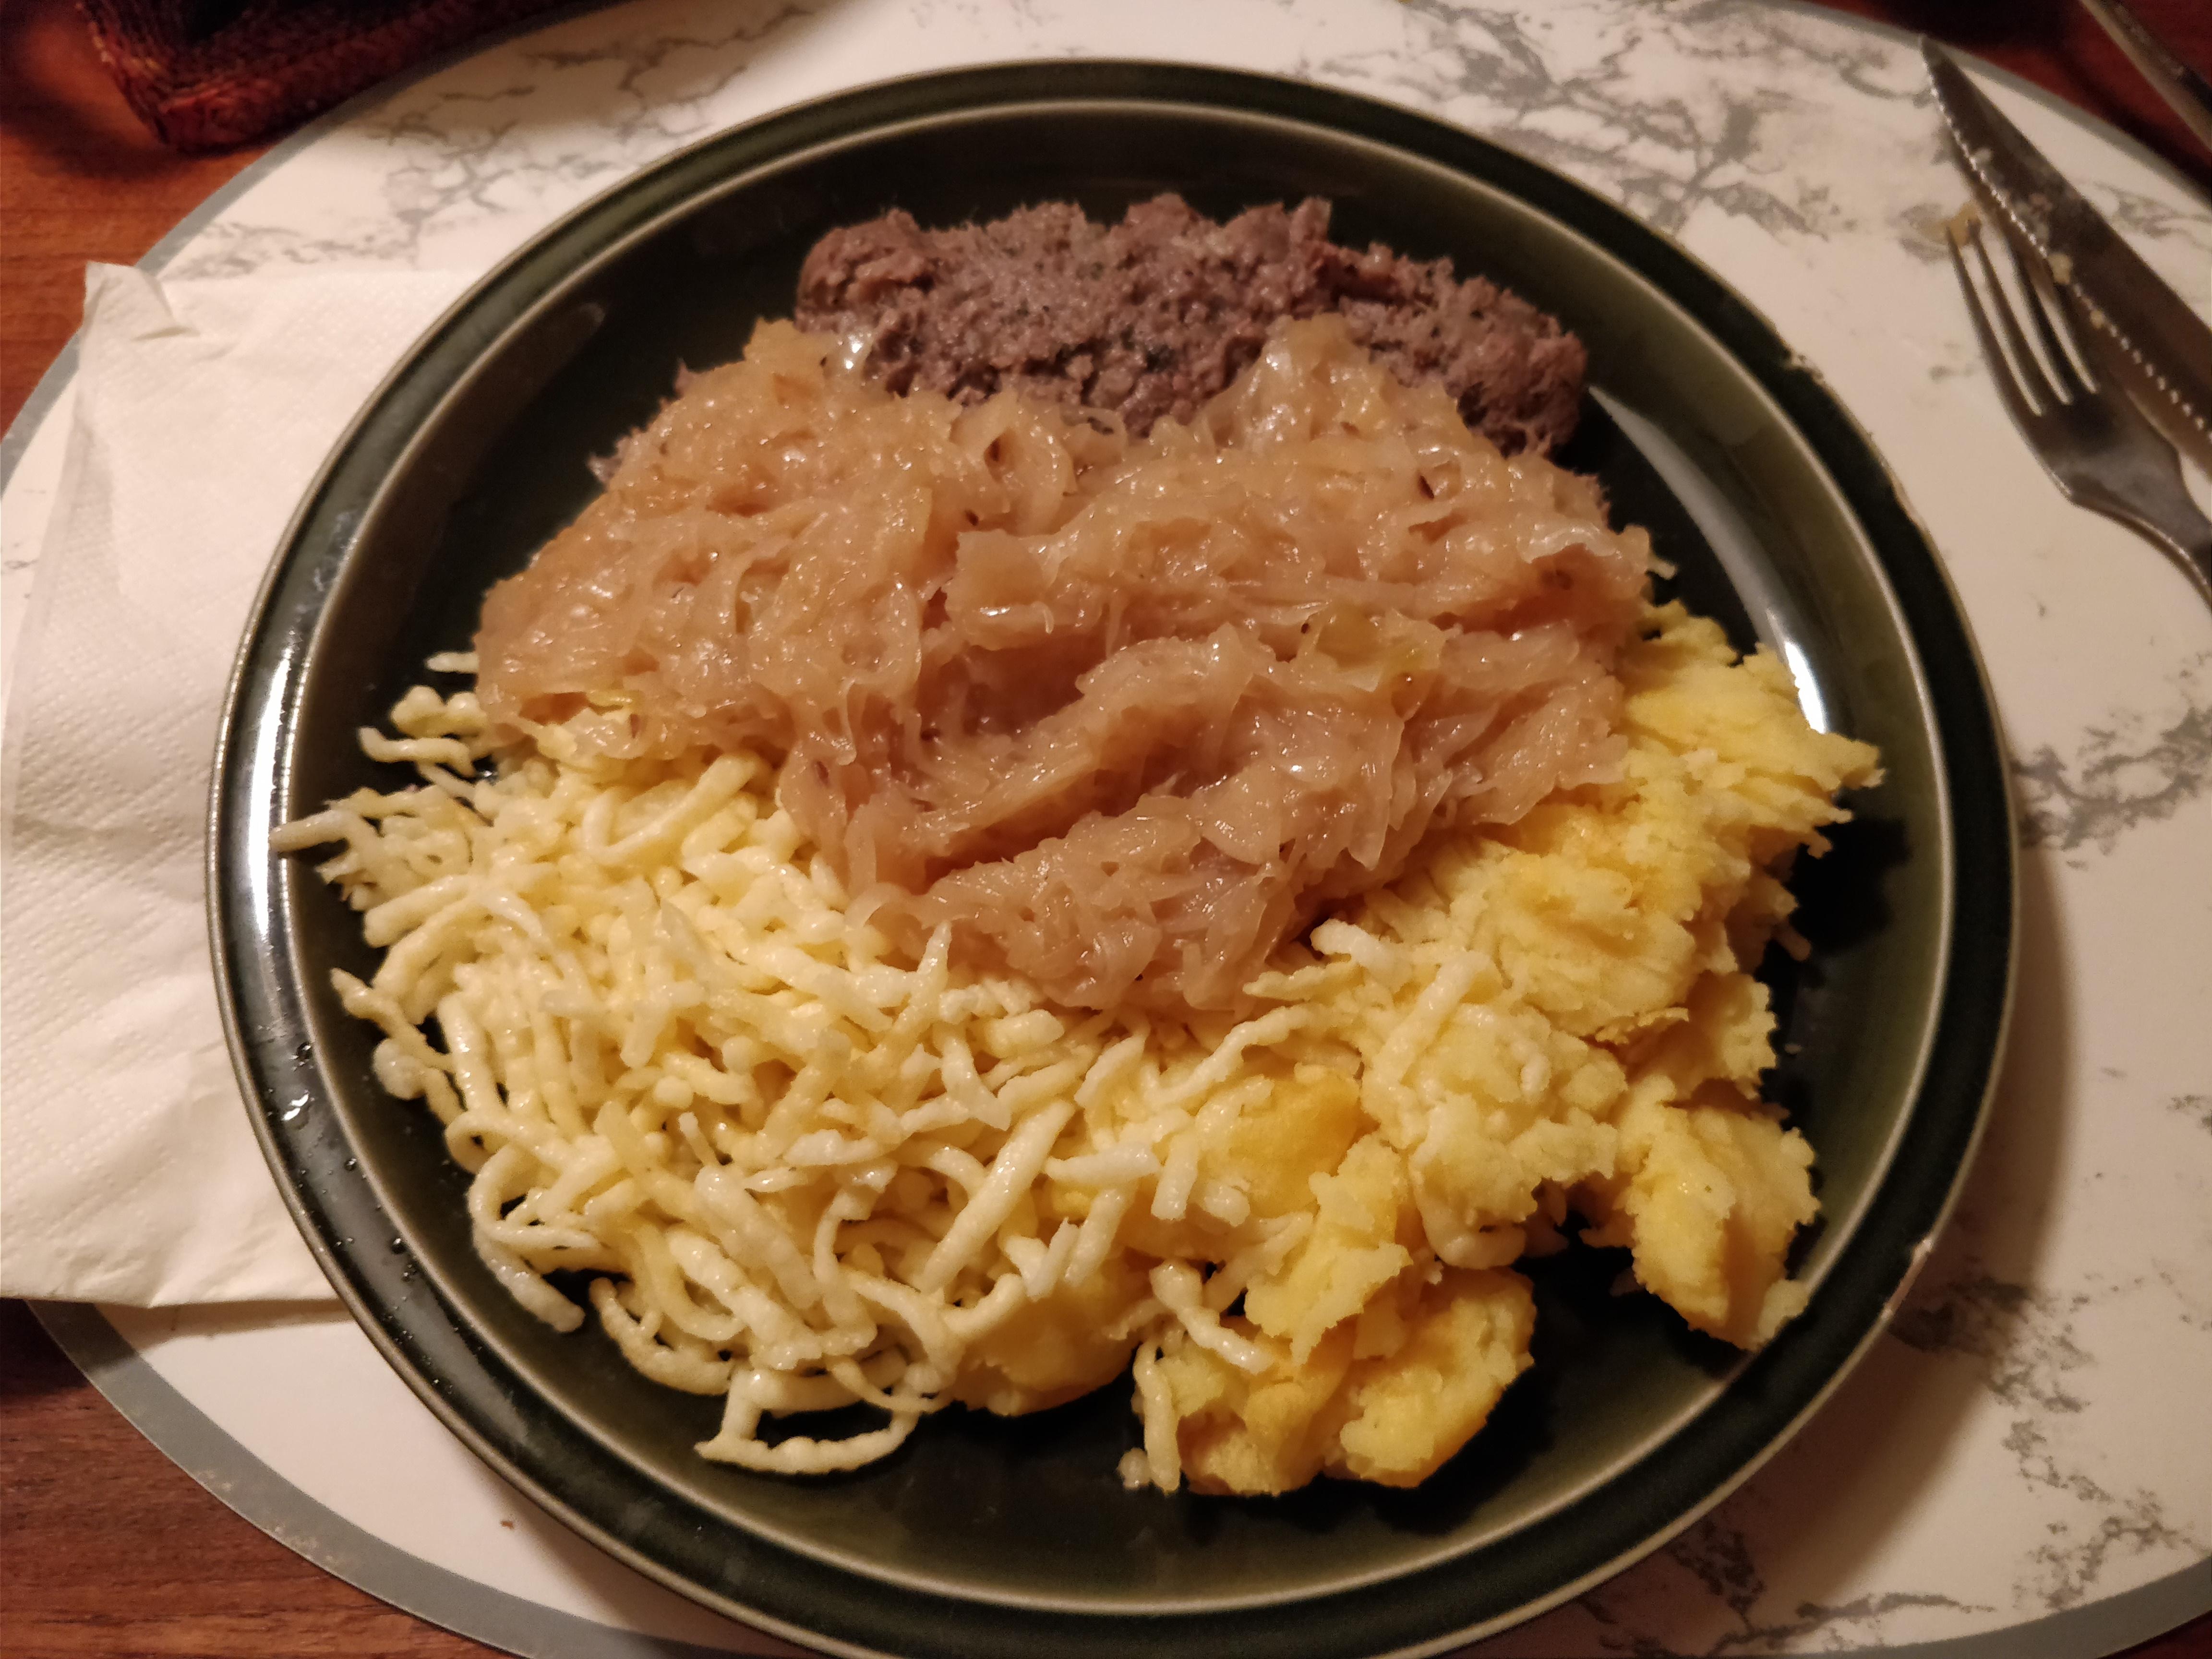 https://foodloader.net/nico_2017-10-18_leberwurst-sauerkraut-kartoffelbrei-spaetzle.jpg